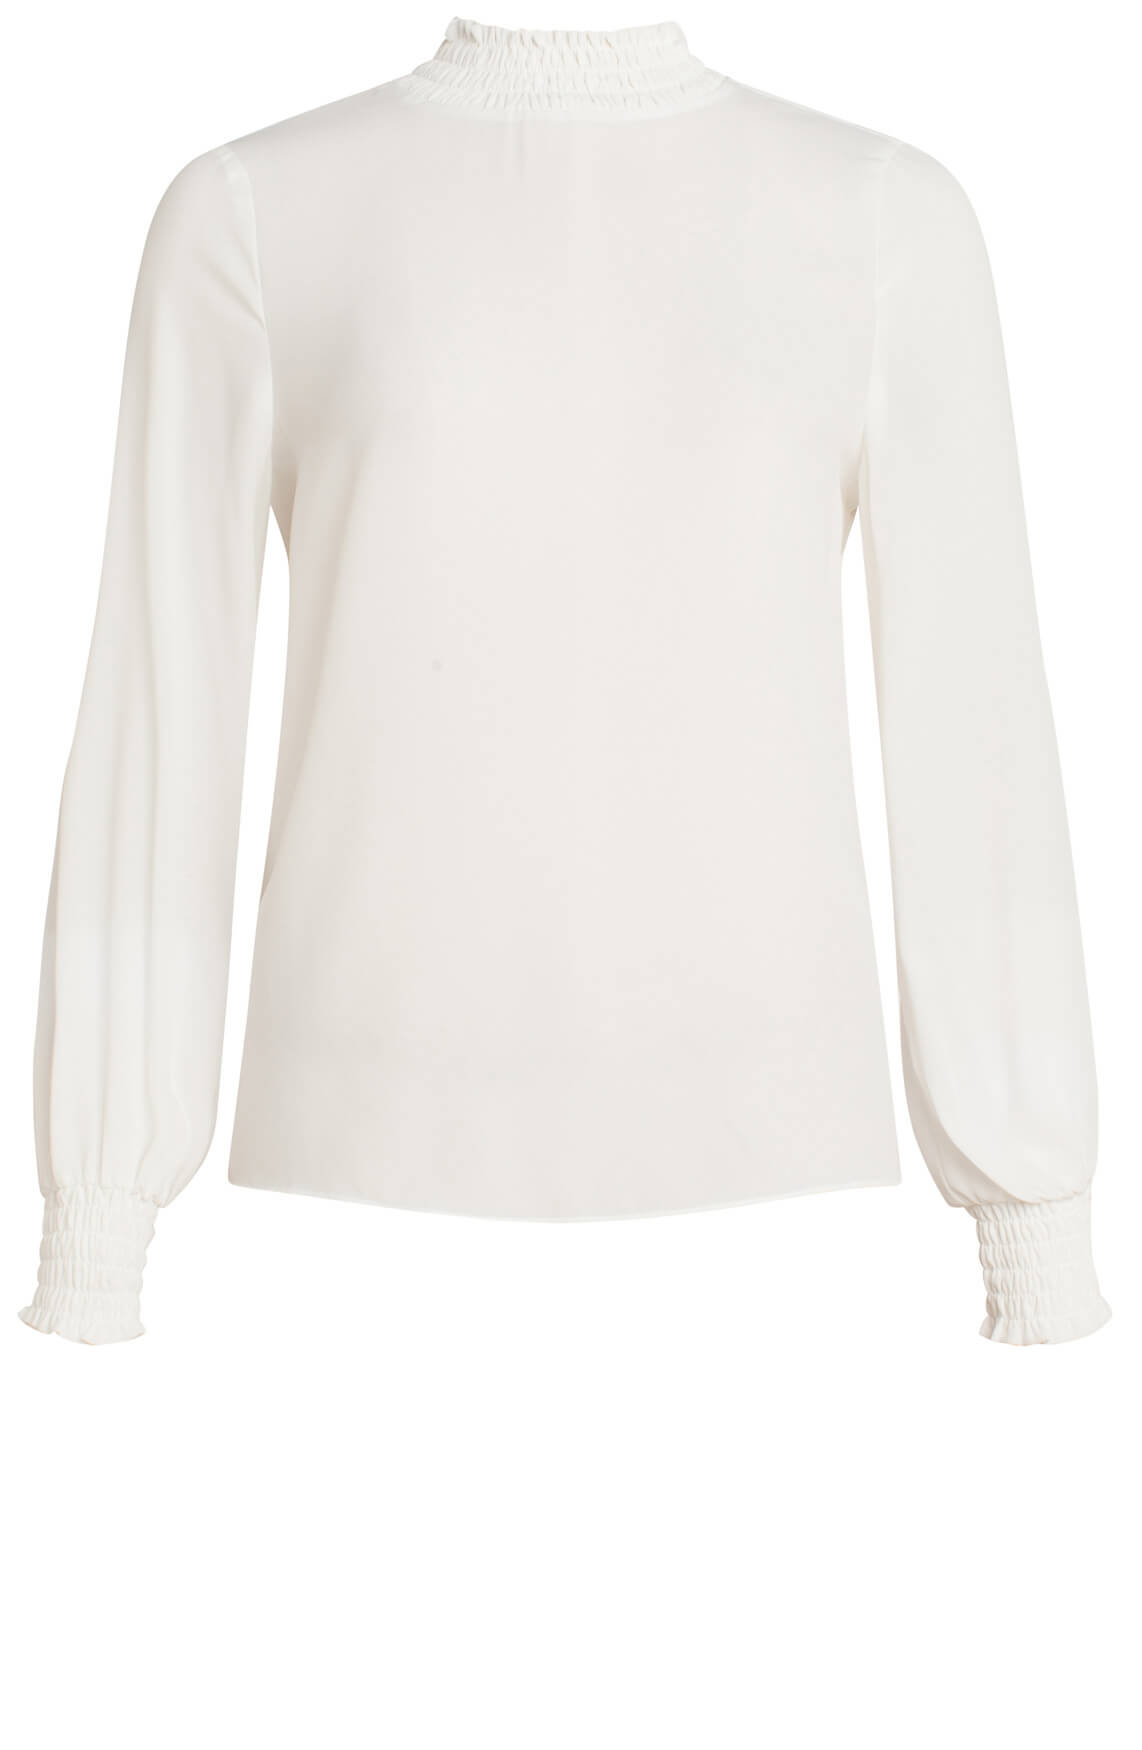 Kocca Dames Donald blouse wit